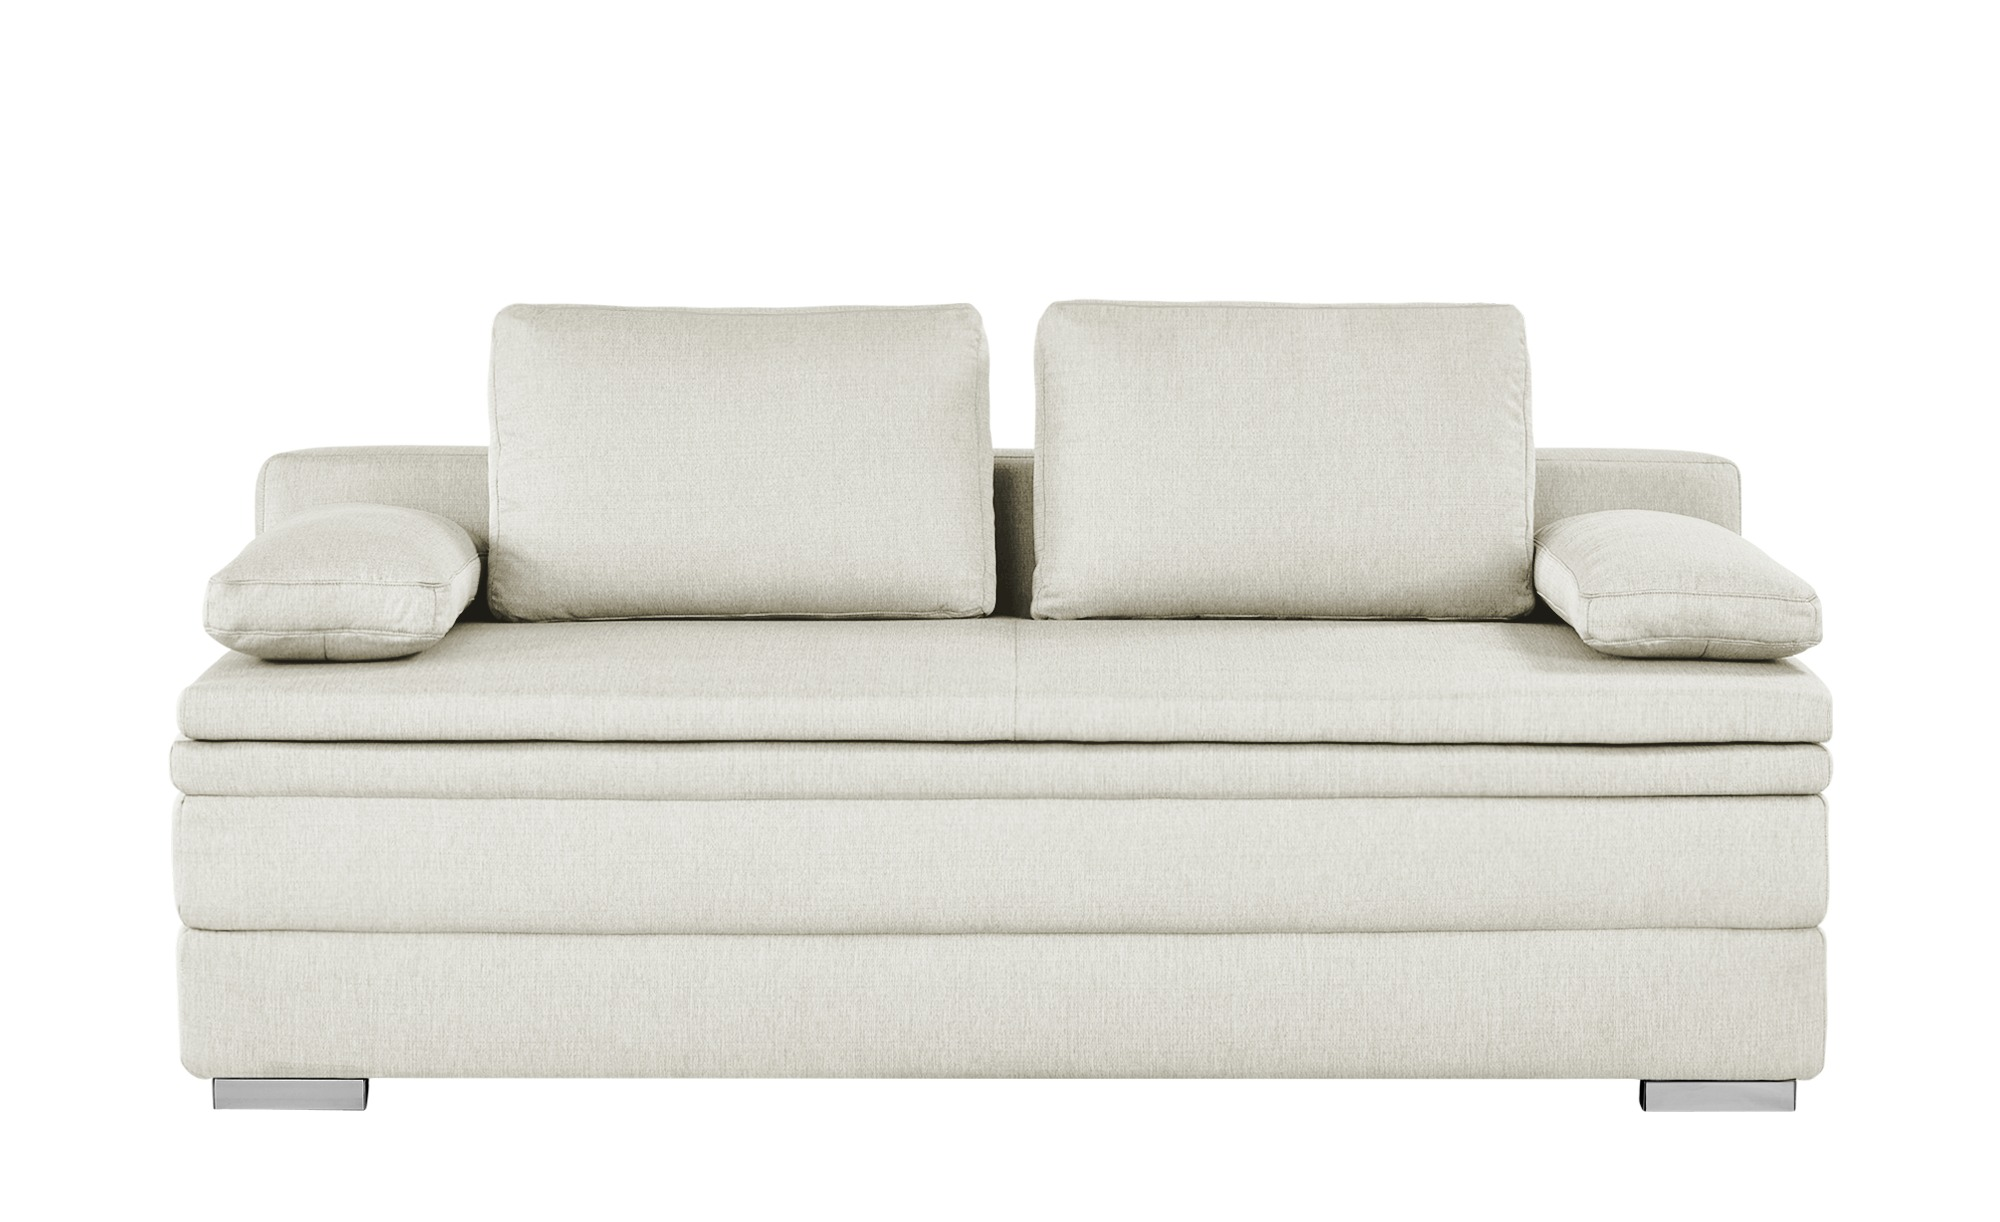 smart boxspring schlafsofa daphne breite 202 cm h he 92 cm beige online kaufen bei woonio. Black Bedroom Furniture Sets. Home Design Ideas